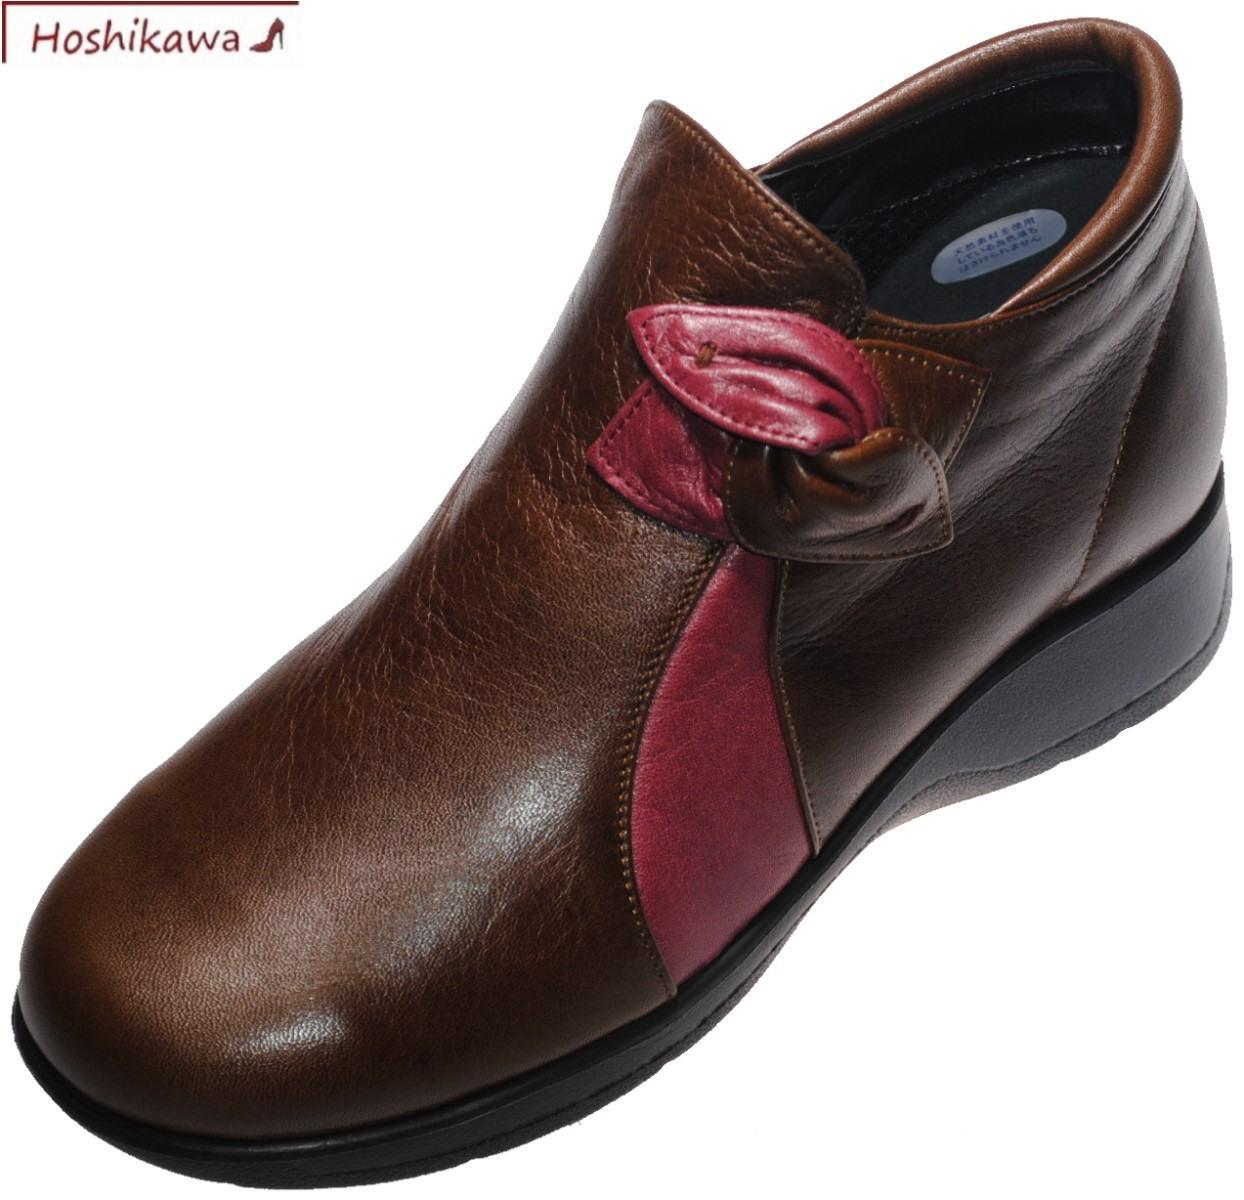 【靴のHOSHIKAWA】 『RYUJI TAKAI 1820』22cm~25cm ブーティー